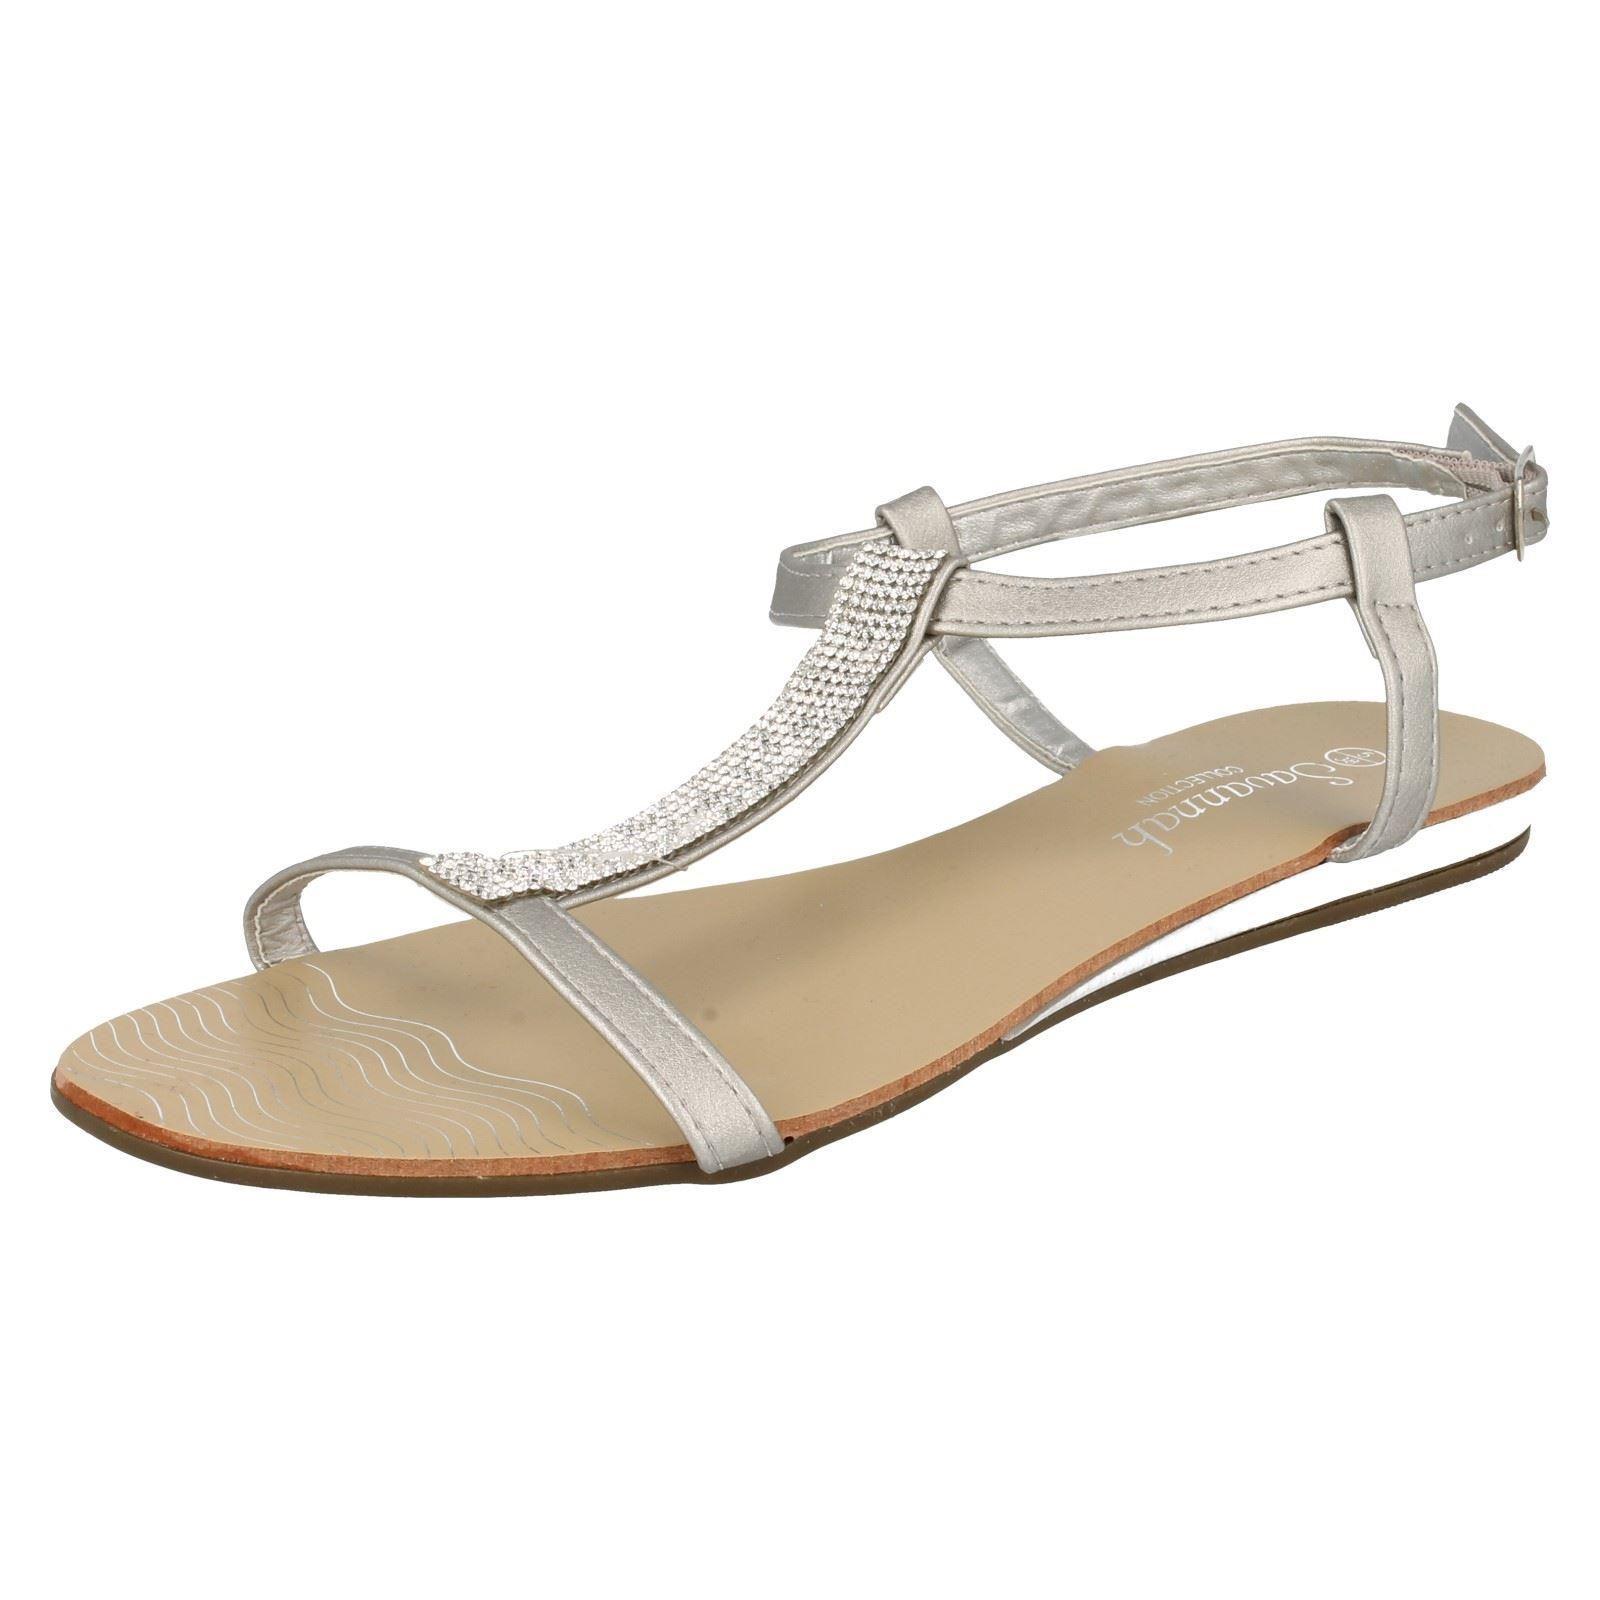 SALE Diamante Savannah F0818 Ladies Silver Synthetic Diamante SALE Detail T-Bar Summe Sandals 3735f0